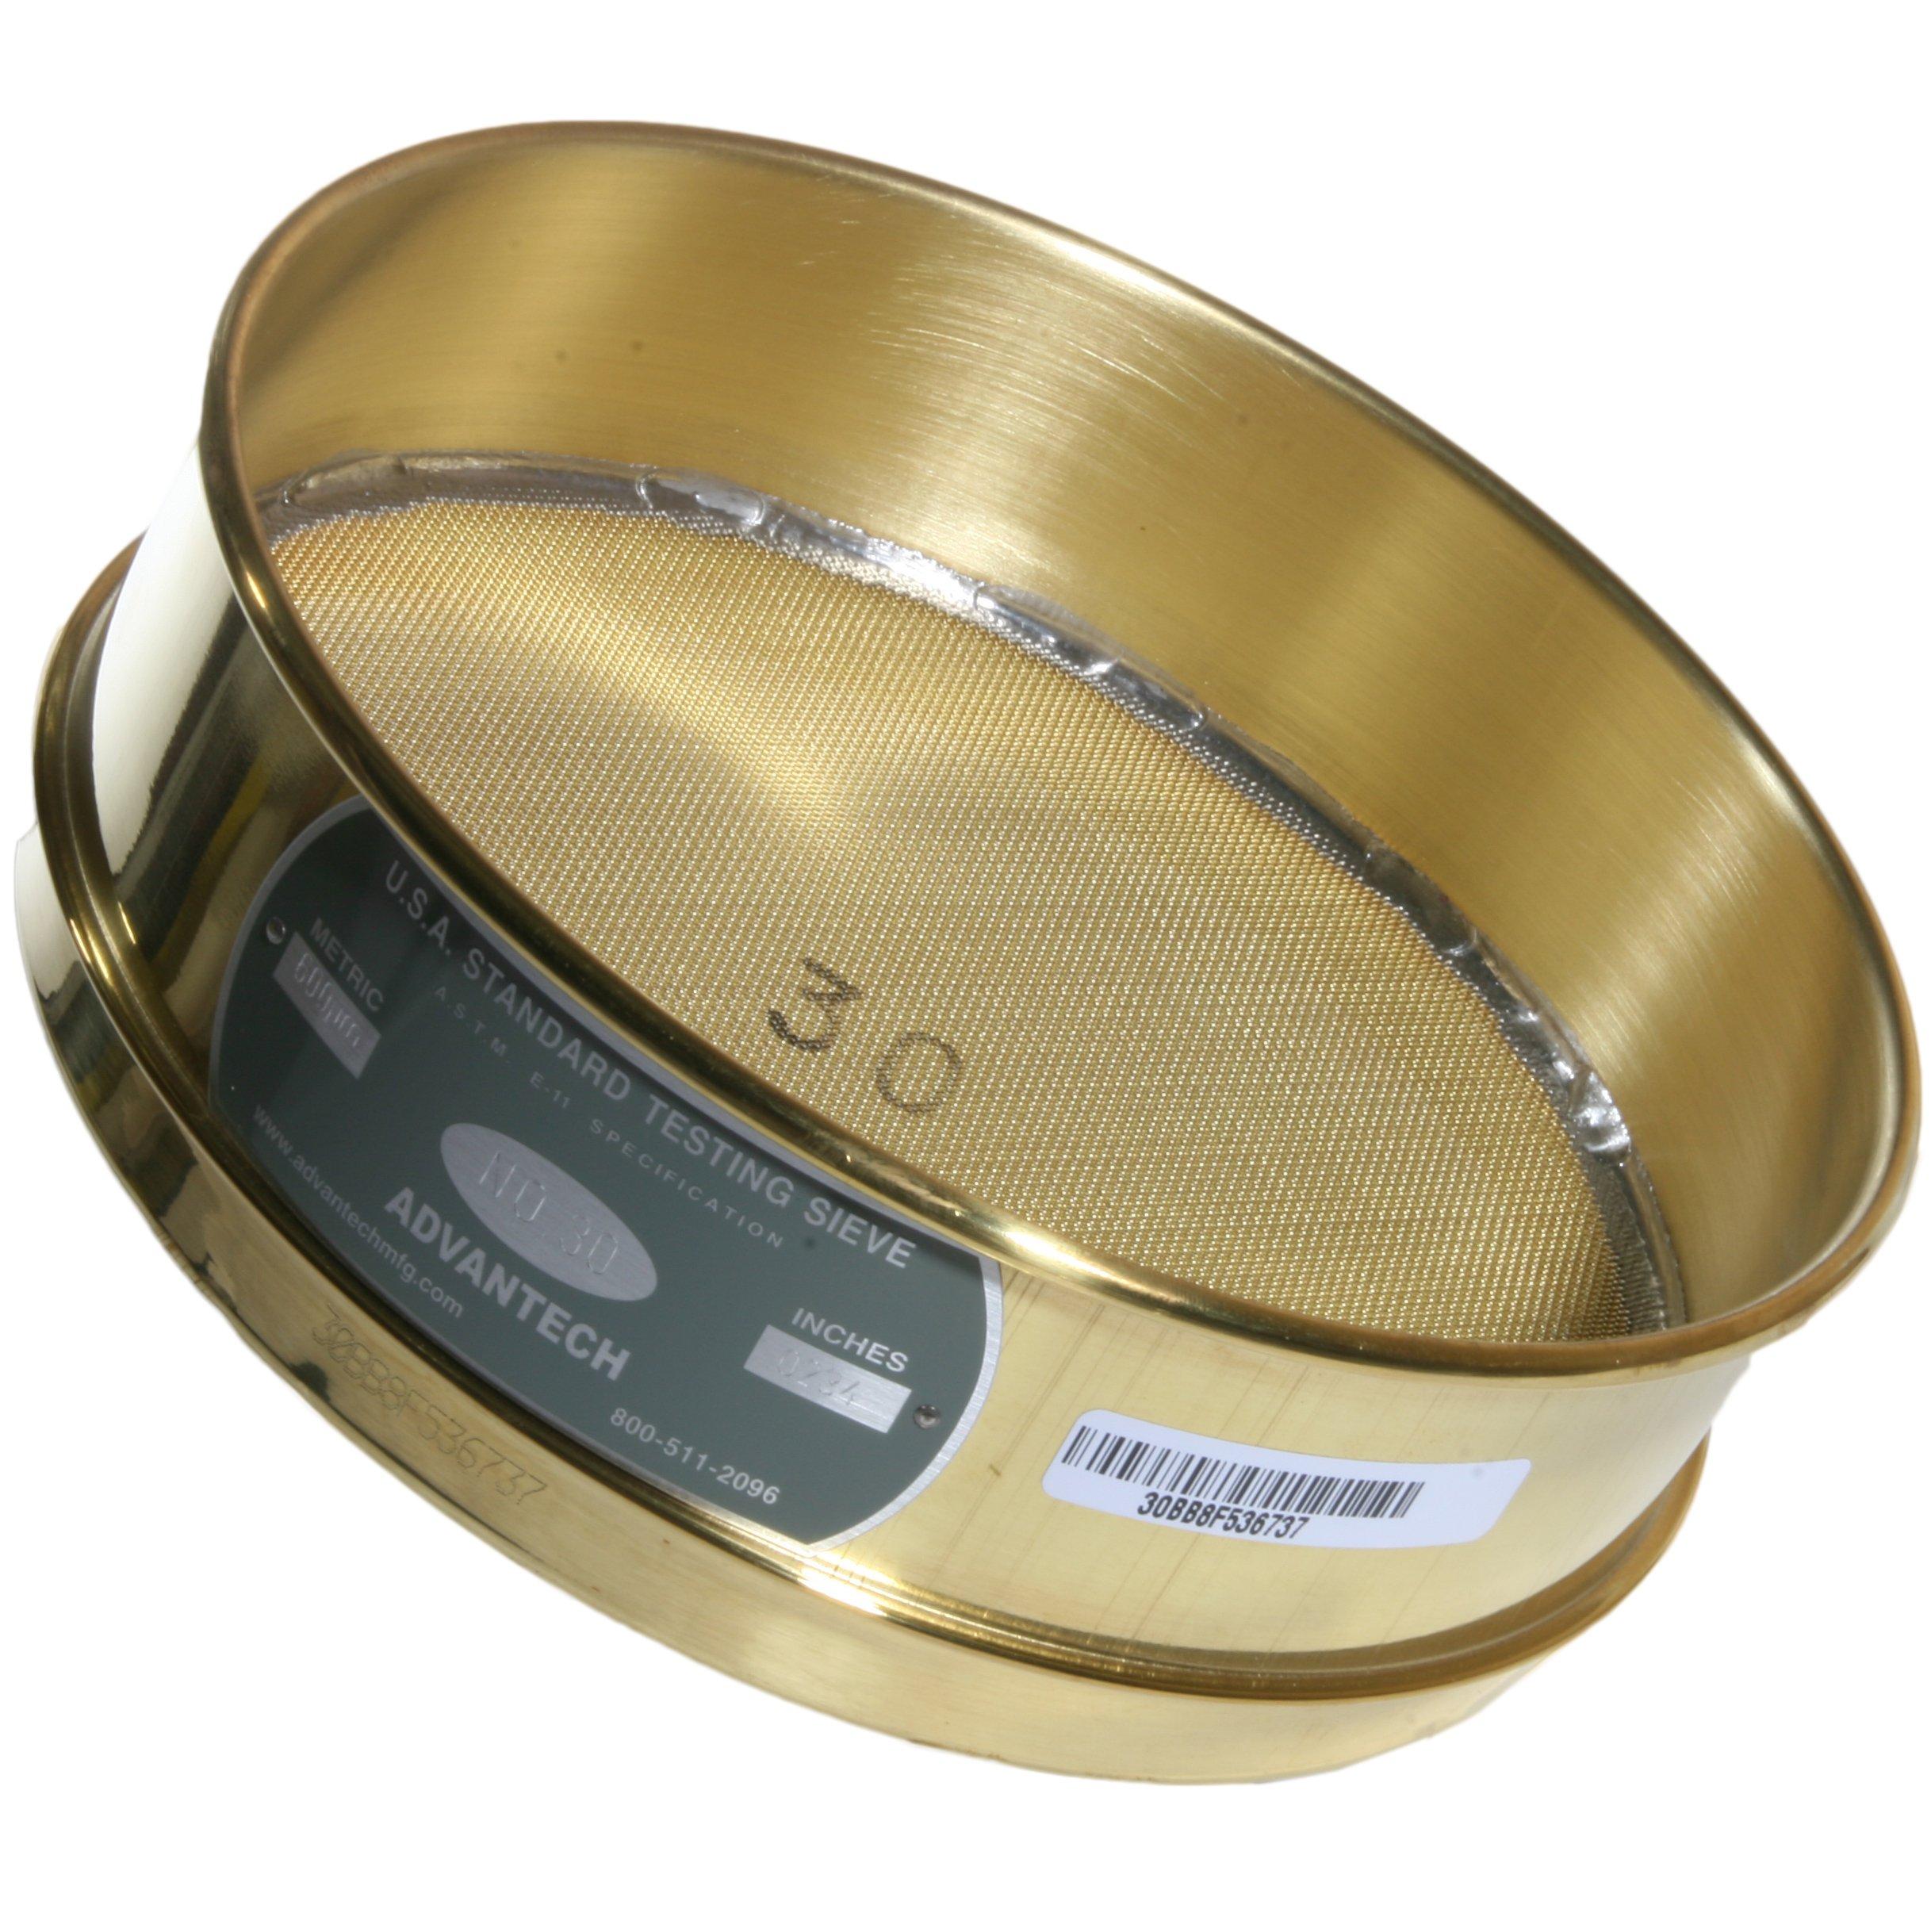 Advantech Brass Brush Sieves, 8'' Diameter, #30 Mesh, Full Height